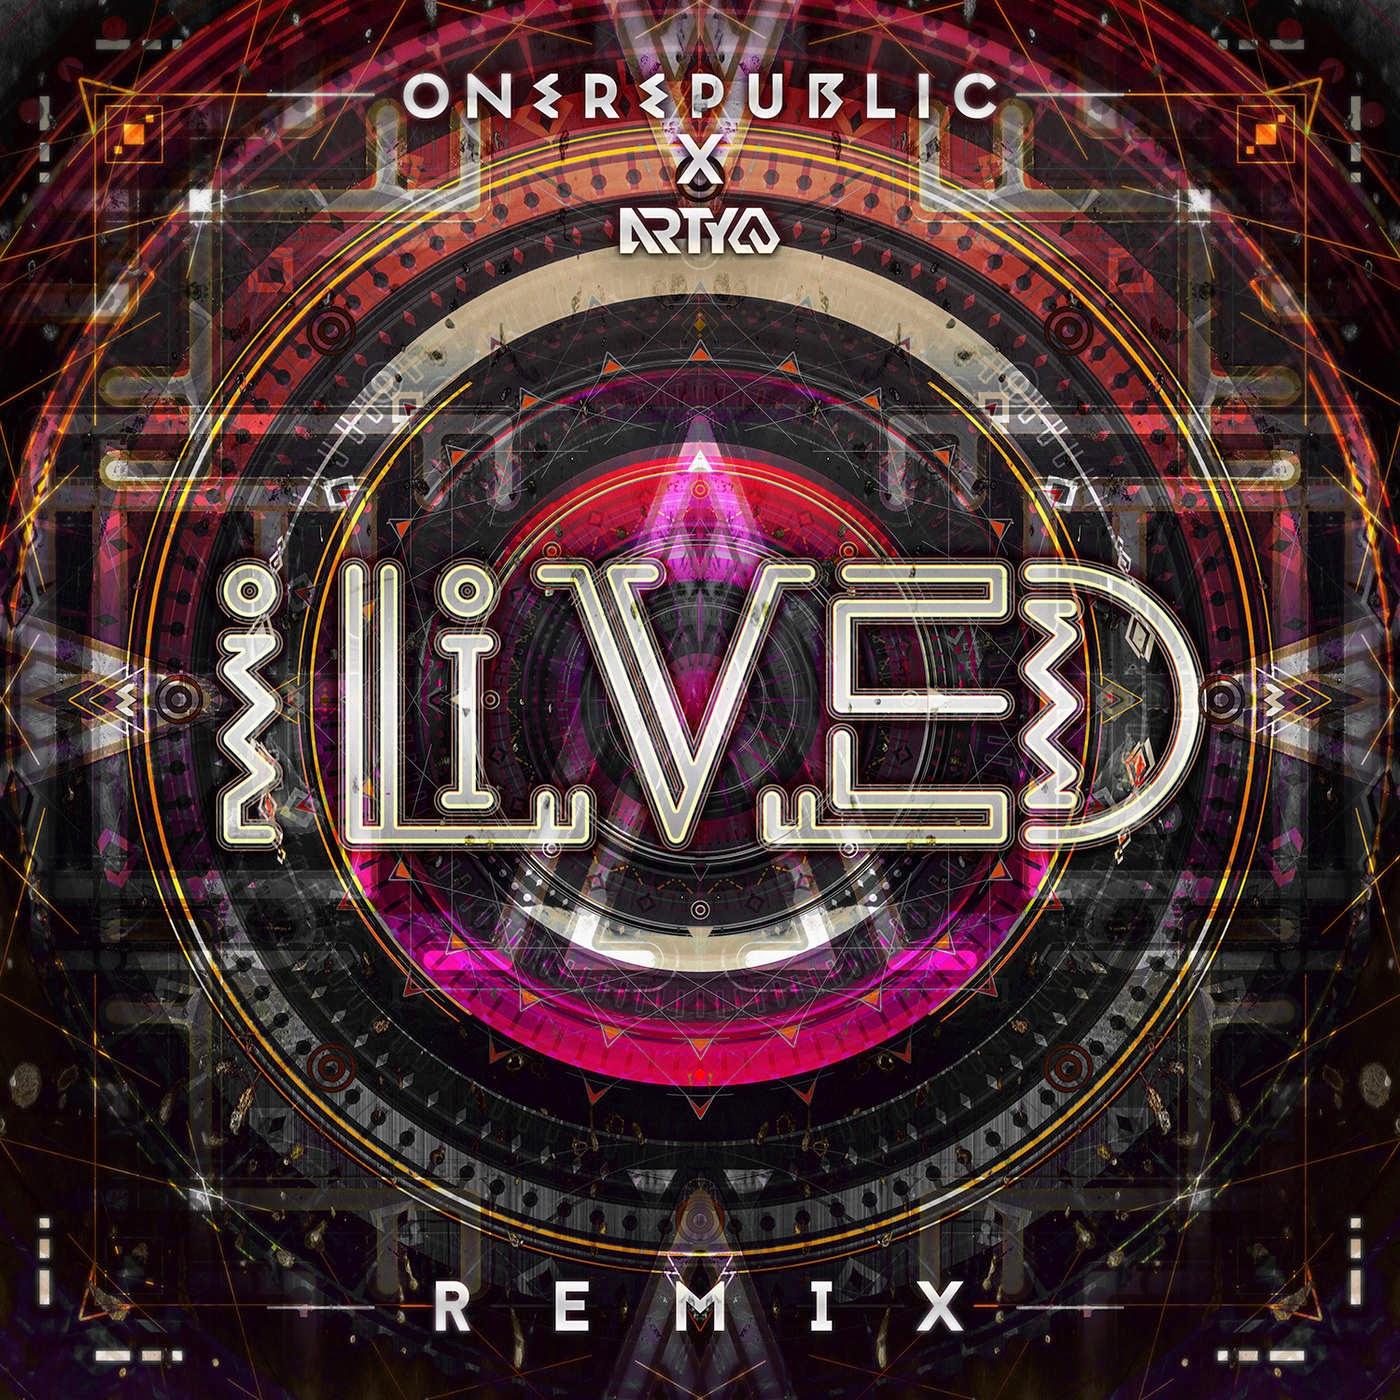 OneRepublic - I Lived (Arty Extended Remix) - Single Cover